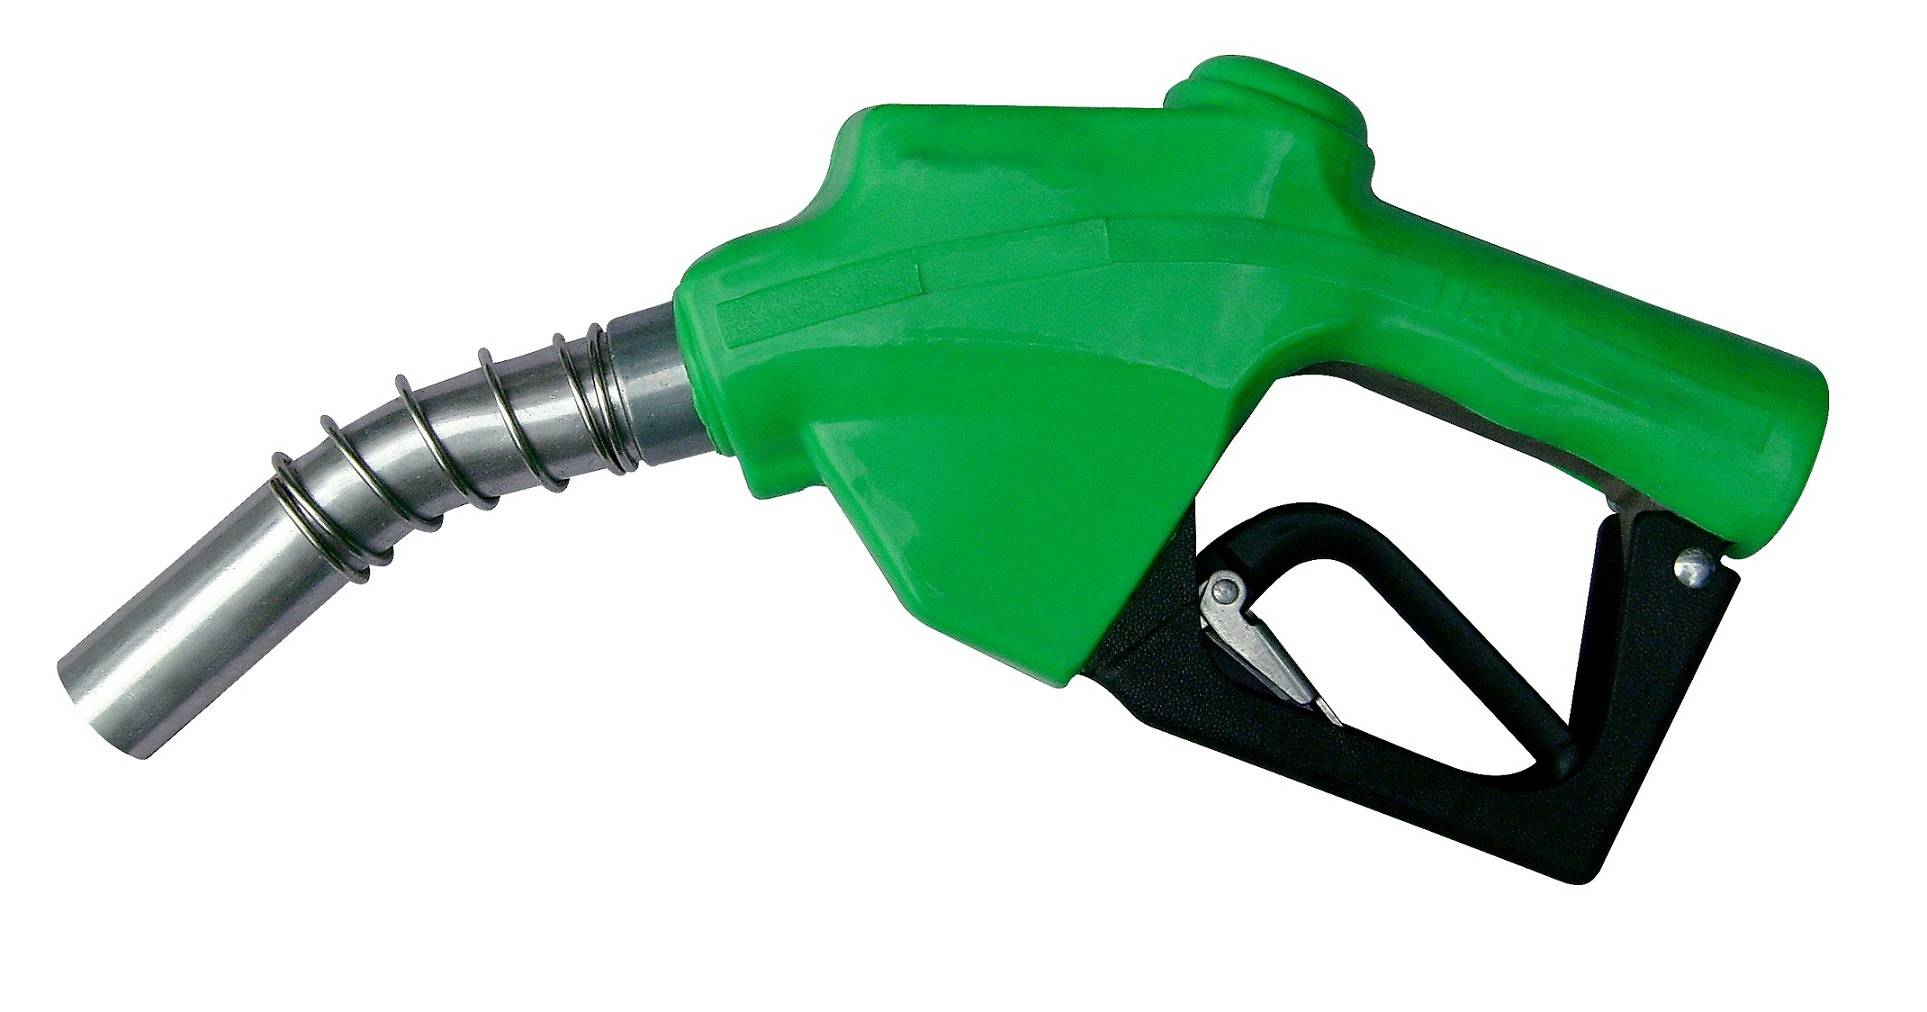 Fuel Dispensing Nozzle for Fuel Dispenser Pump Accessory